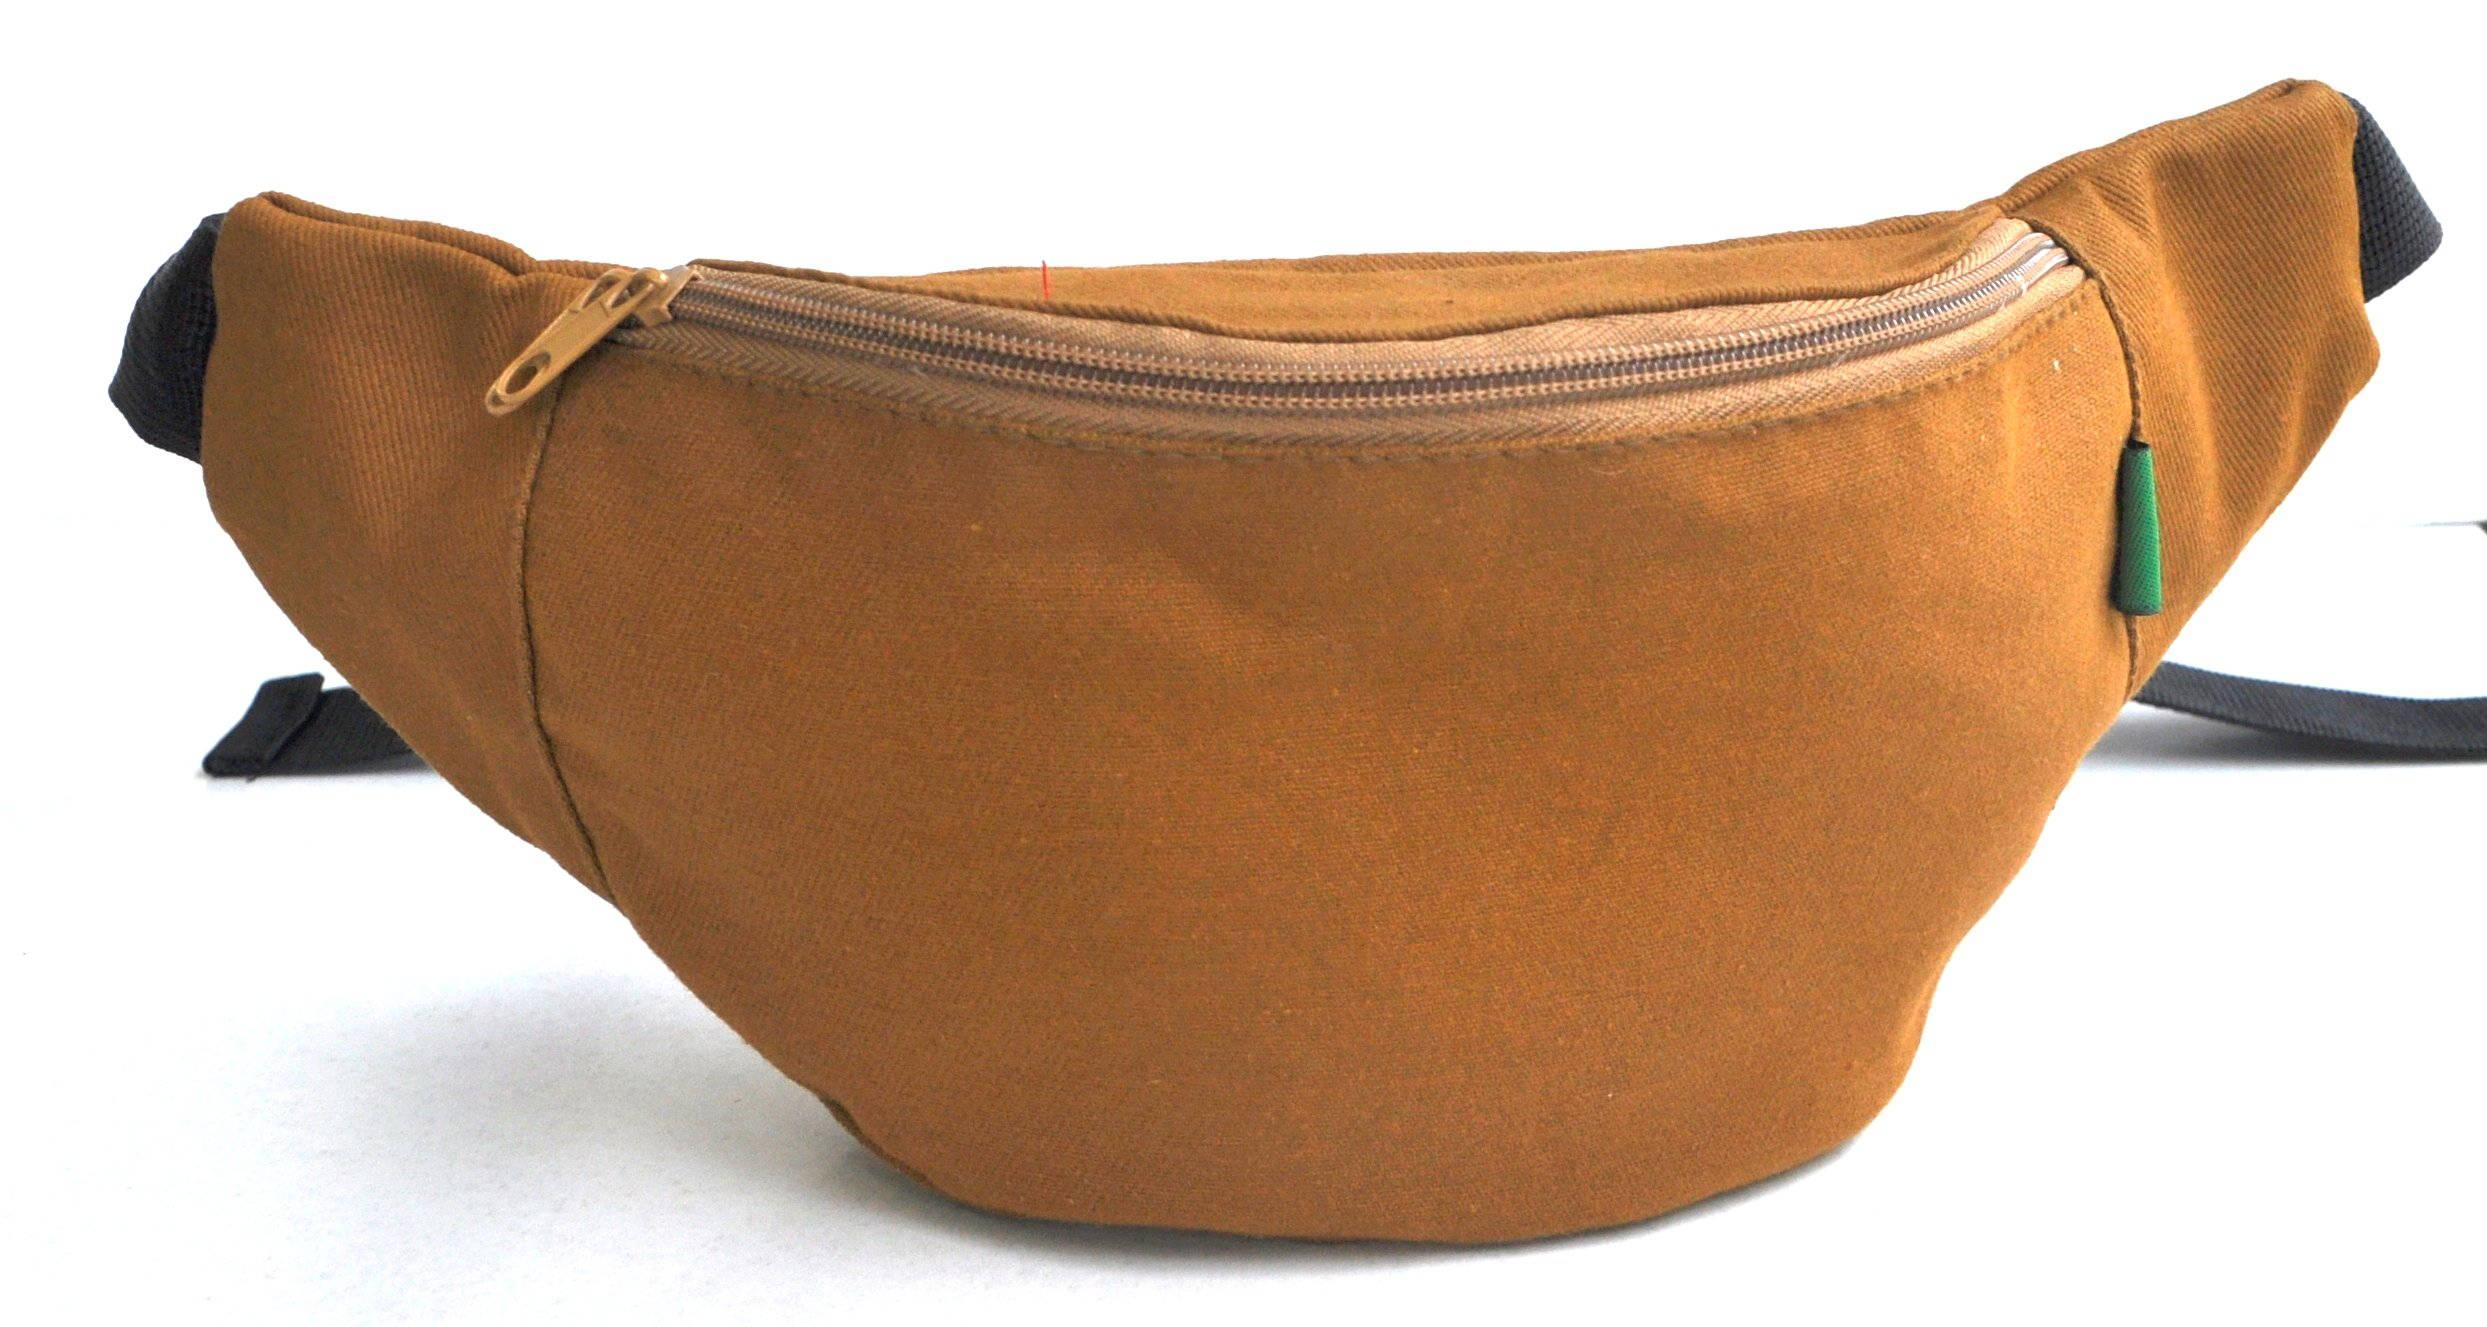 Fanny Pack 1 zipper bum bagwaist bagbelt baghip 9067ce96fac79